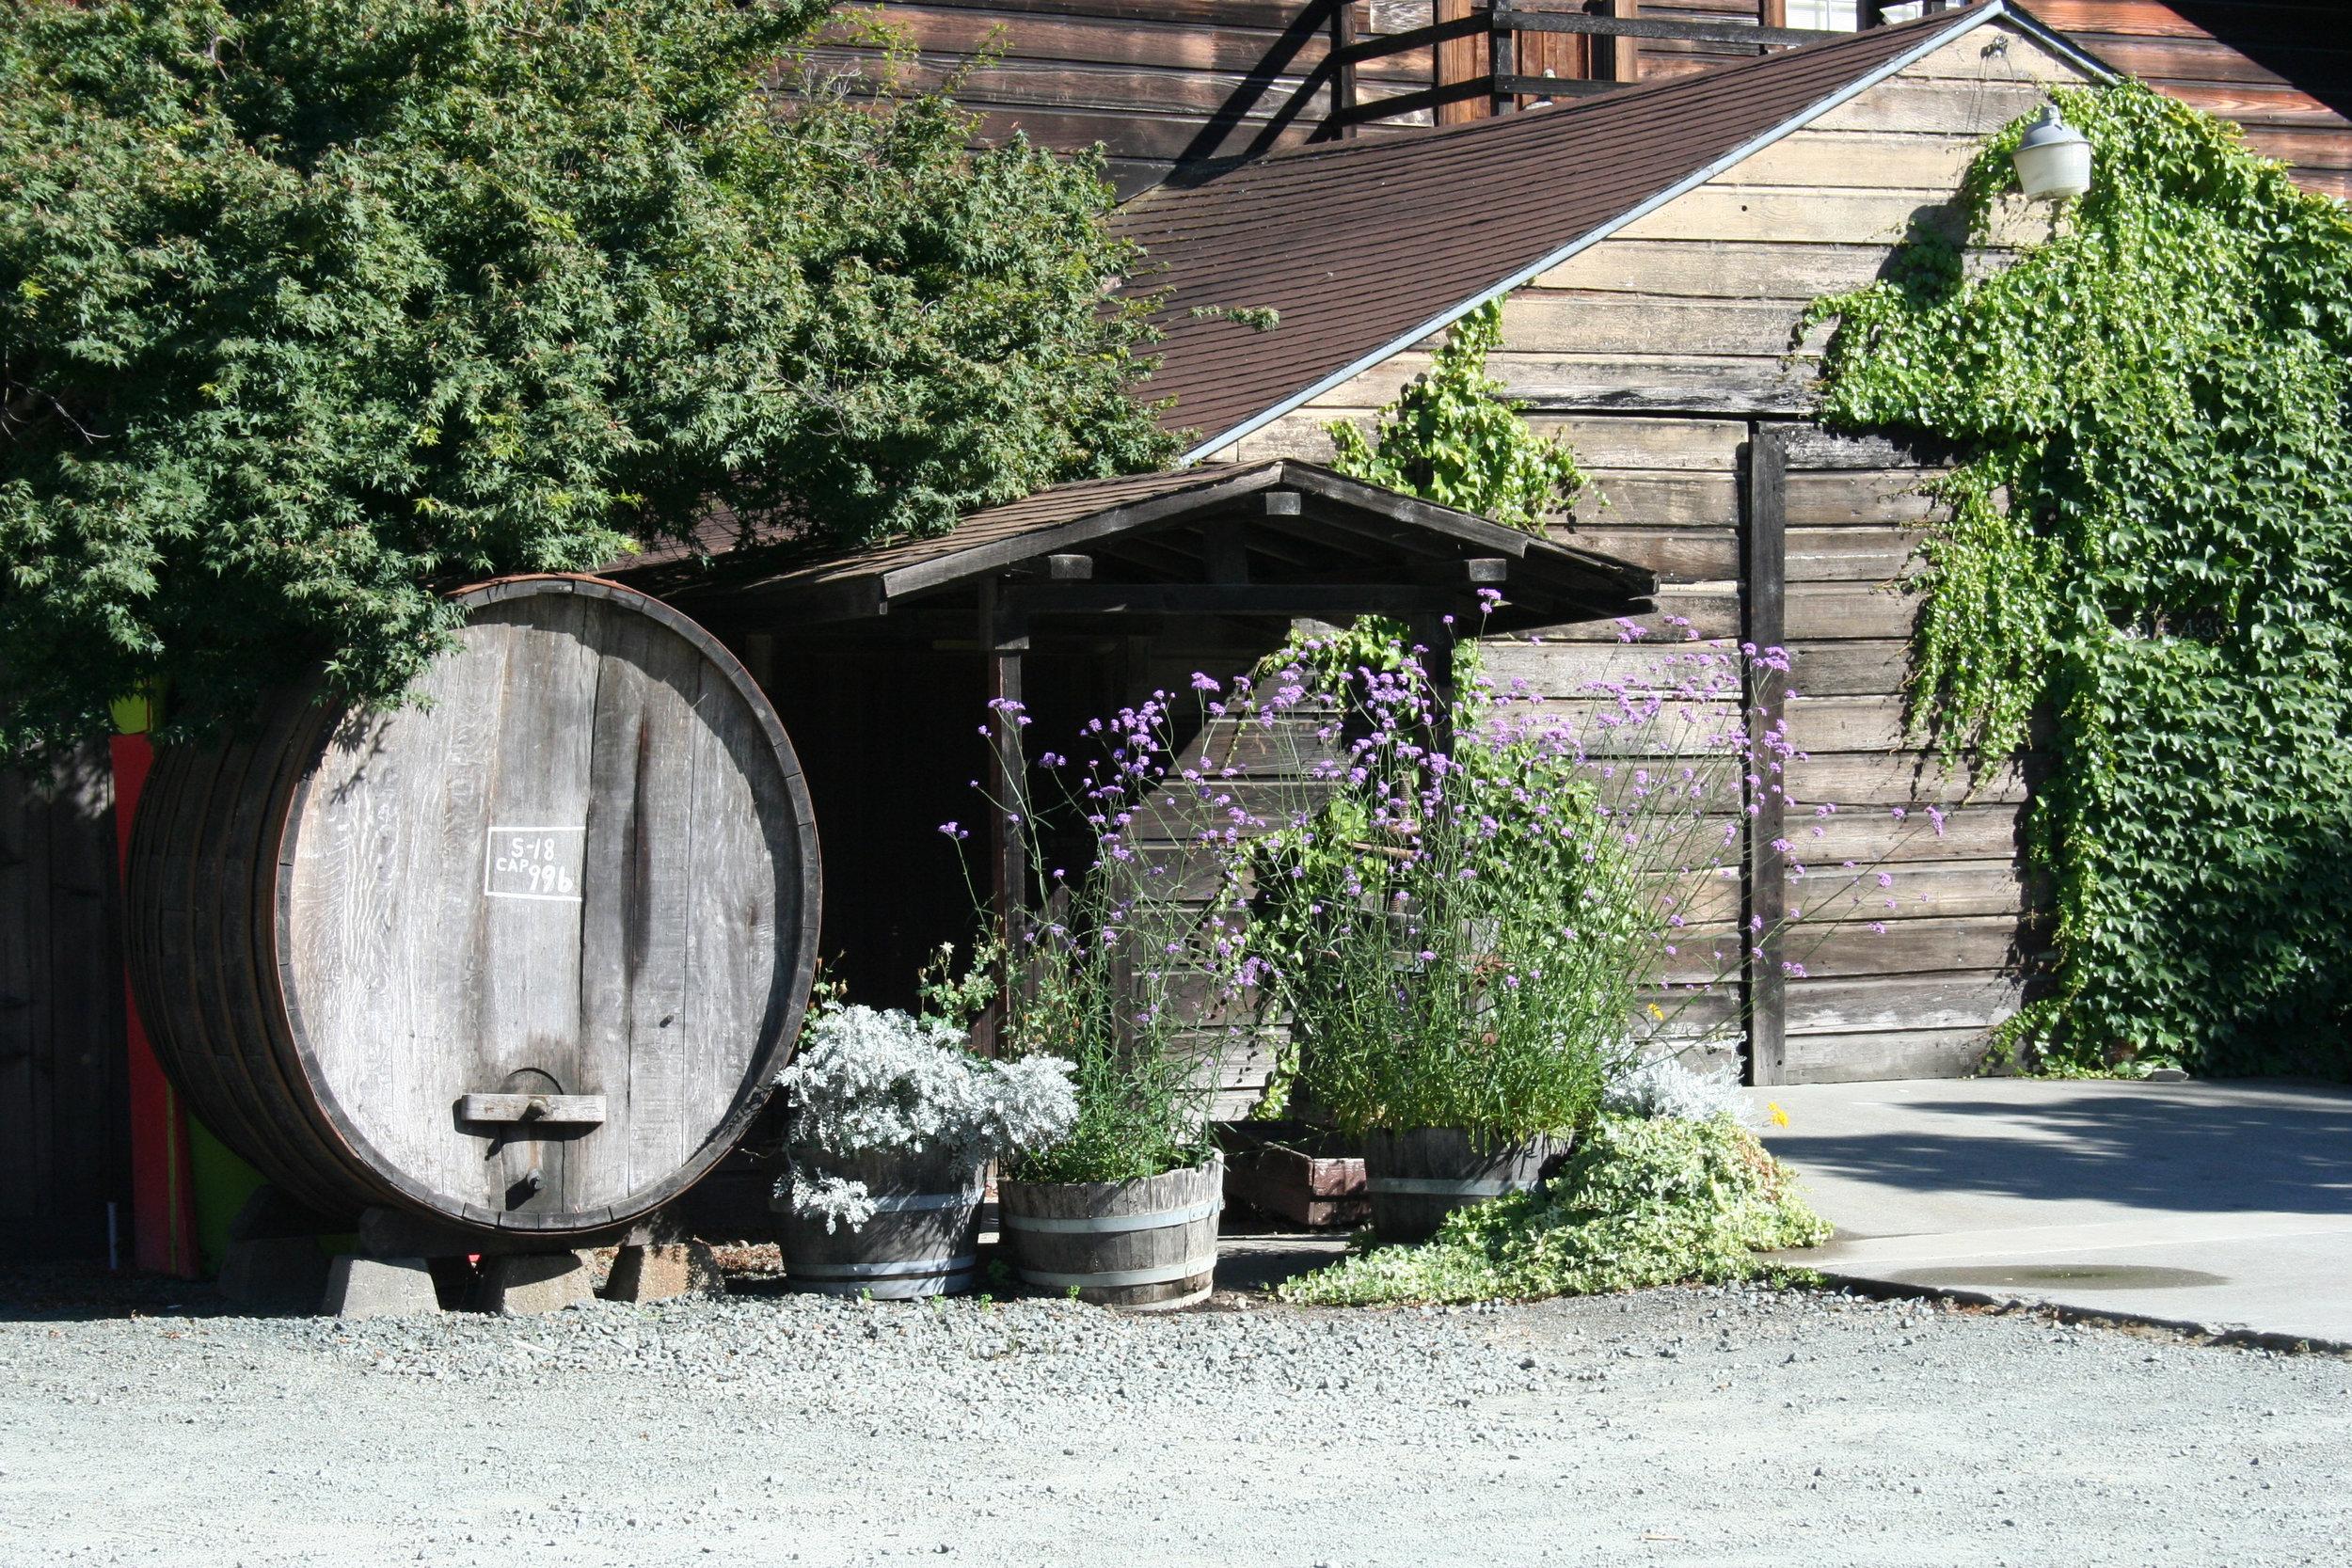 Parking at Prager Winery